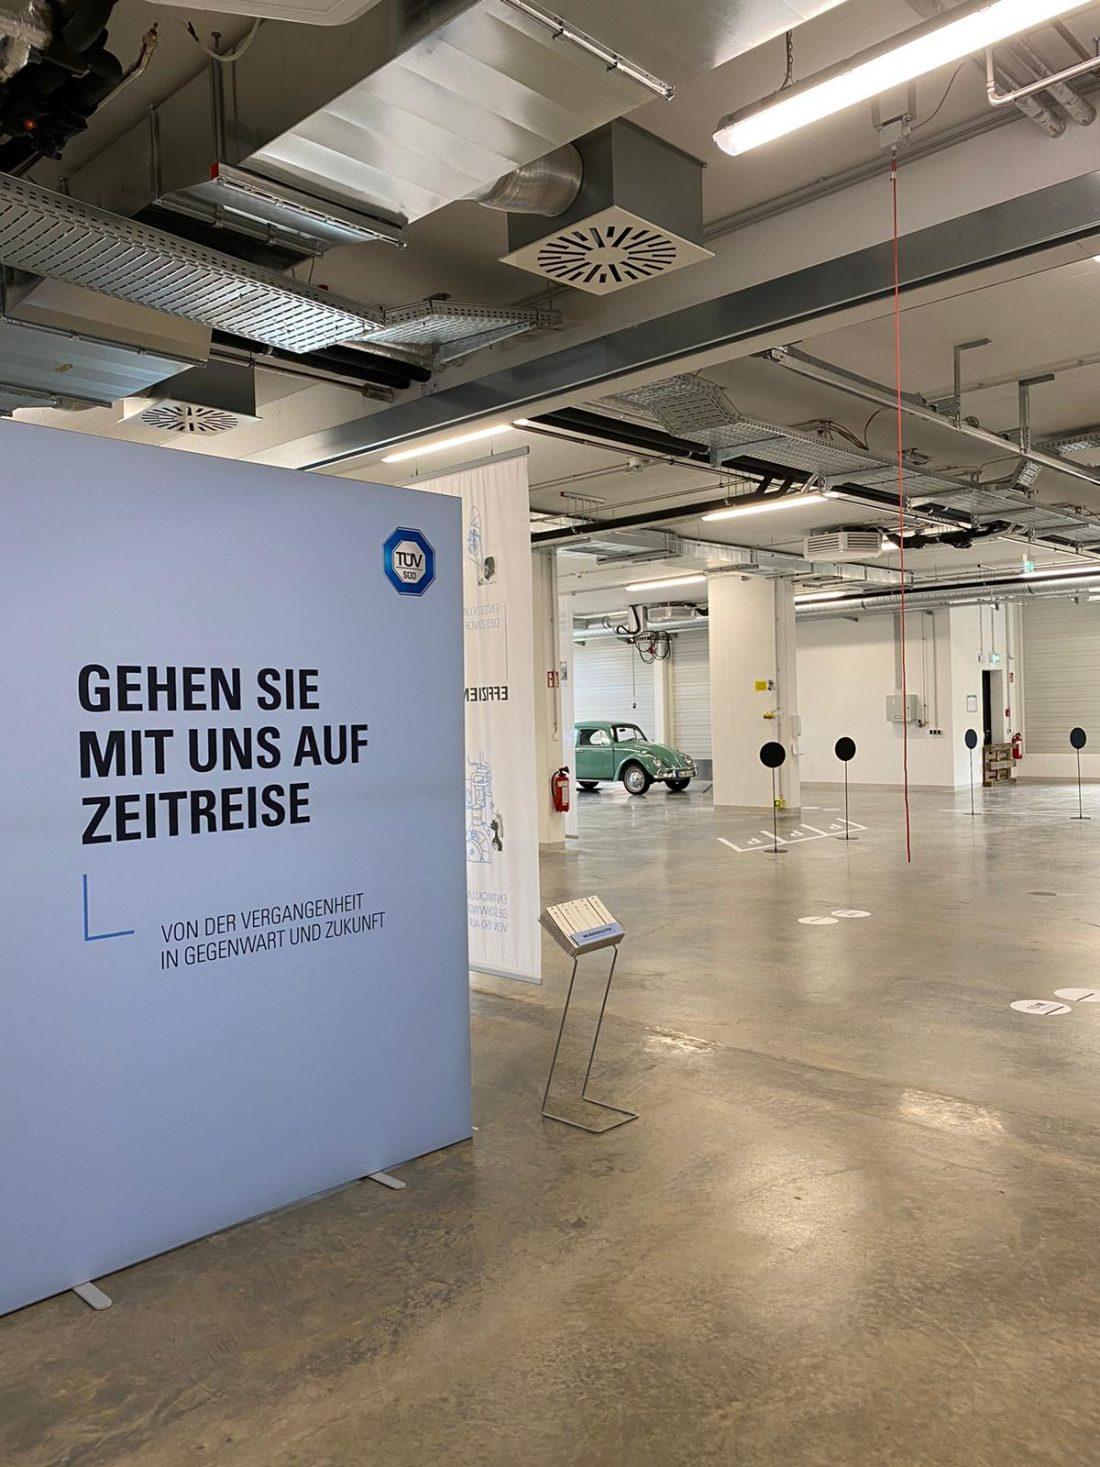 MAZ-Broschüre12 tuev sued veranstaltung |creo-media GmbH Hannover